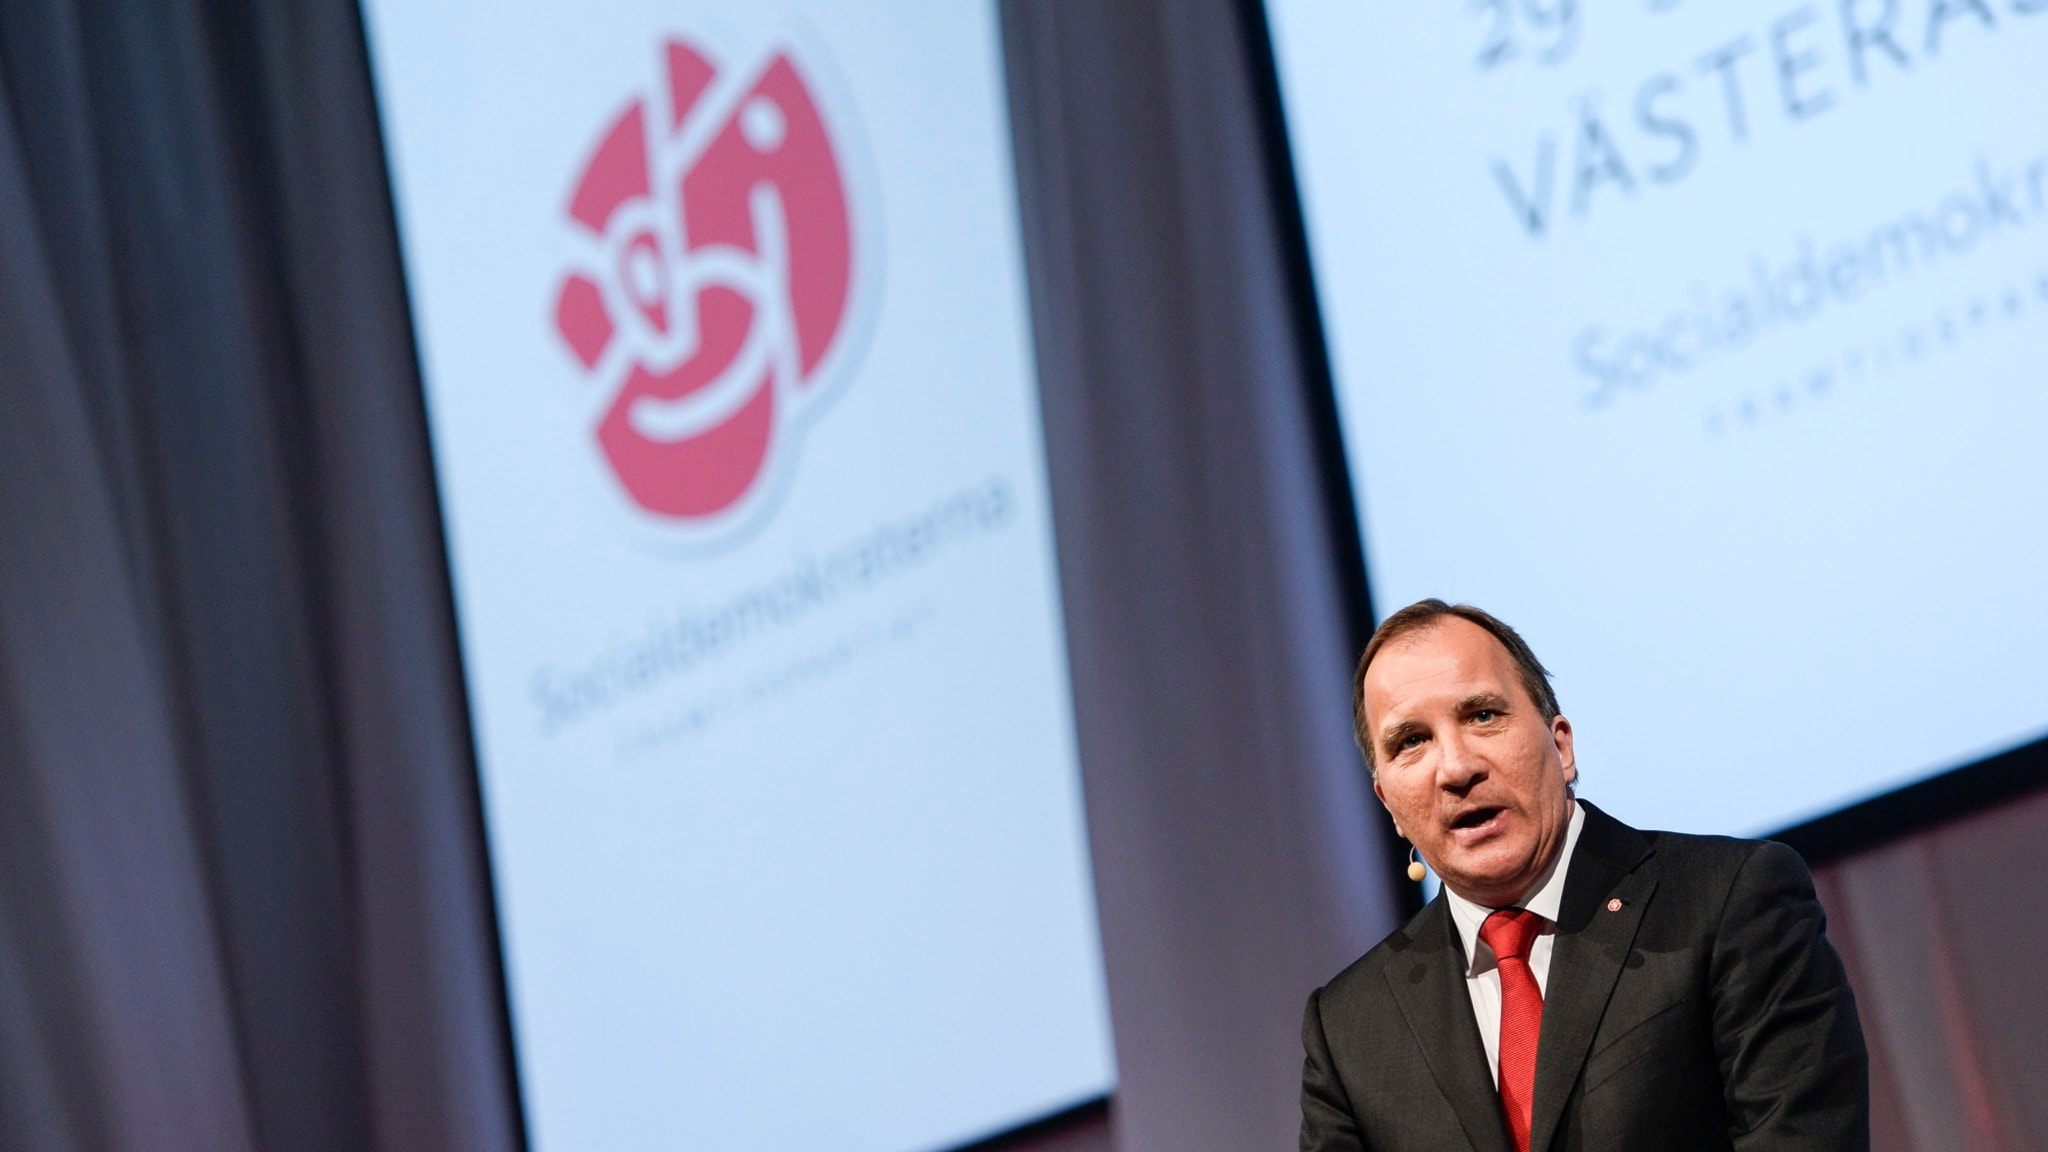 Stefan Löfven på partikongressen i Västerås. Foto: Pontus Lundahl / TT